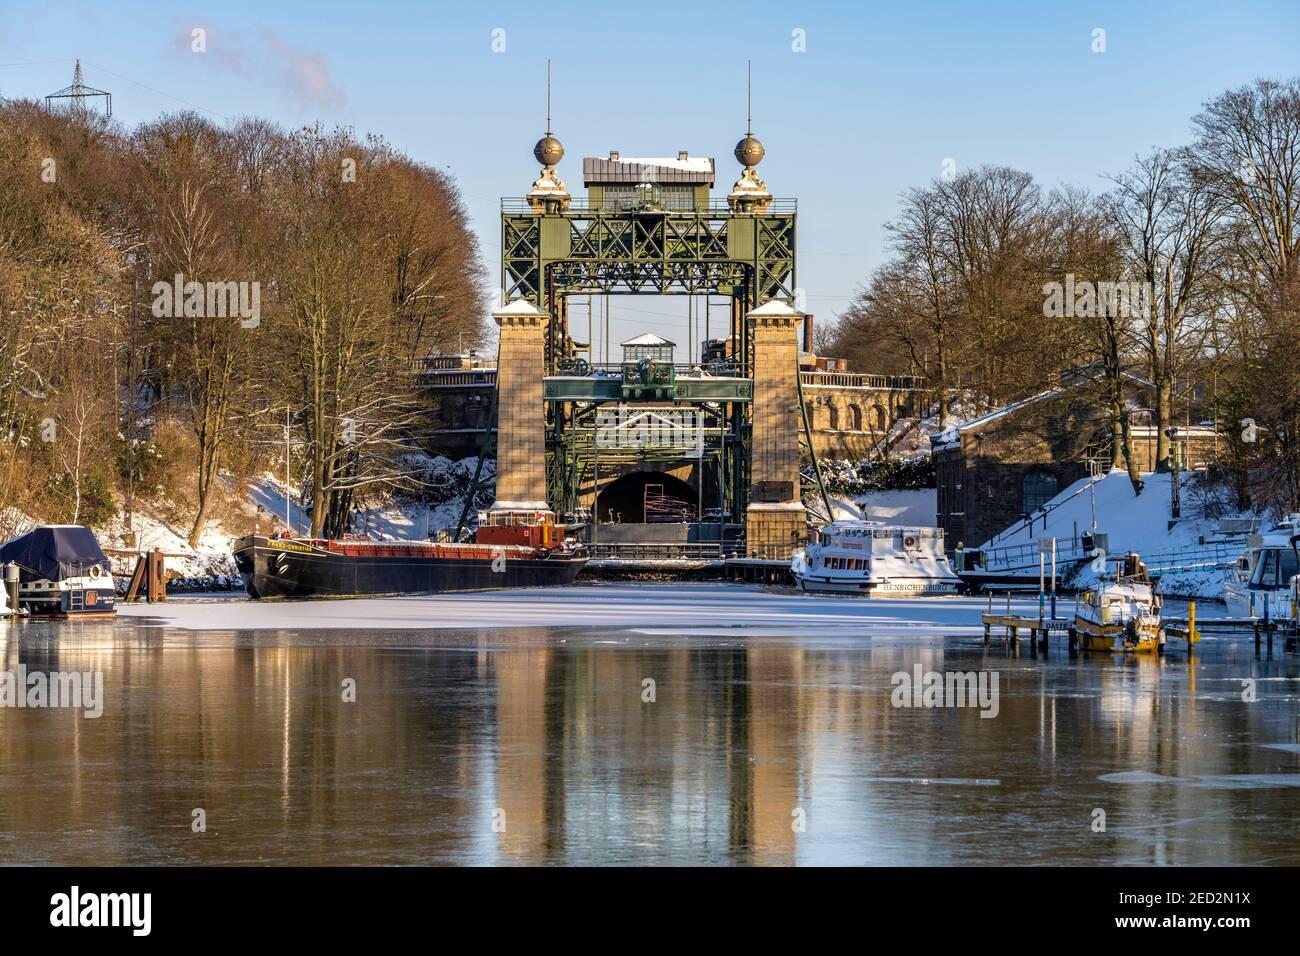 Das alte Schiffshebewerk Henrichenburg am Dortmund-EMS-Kanal in Waltrop, Nordrhein-Westfalen, Deutschland, Europa   Historic Henrichenburg boat lift i Foto Stock